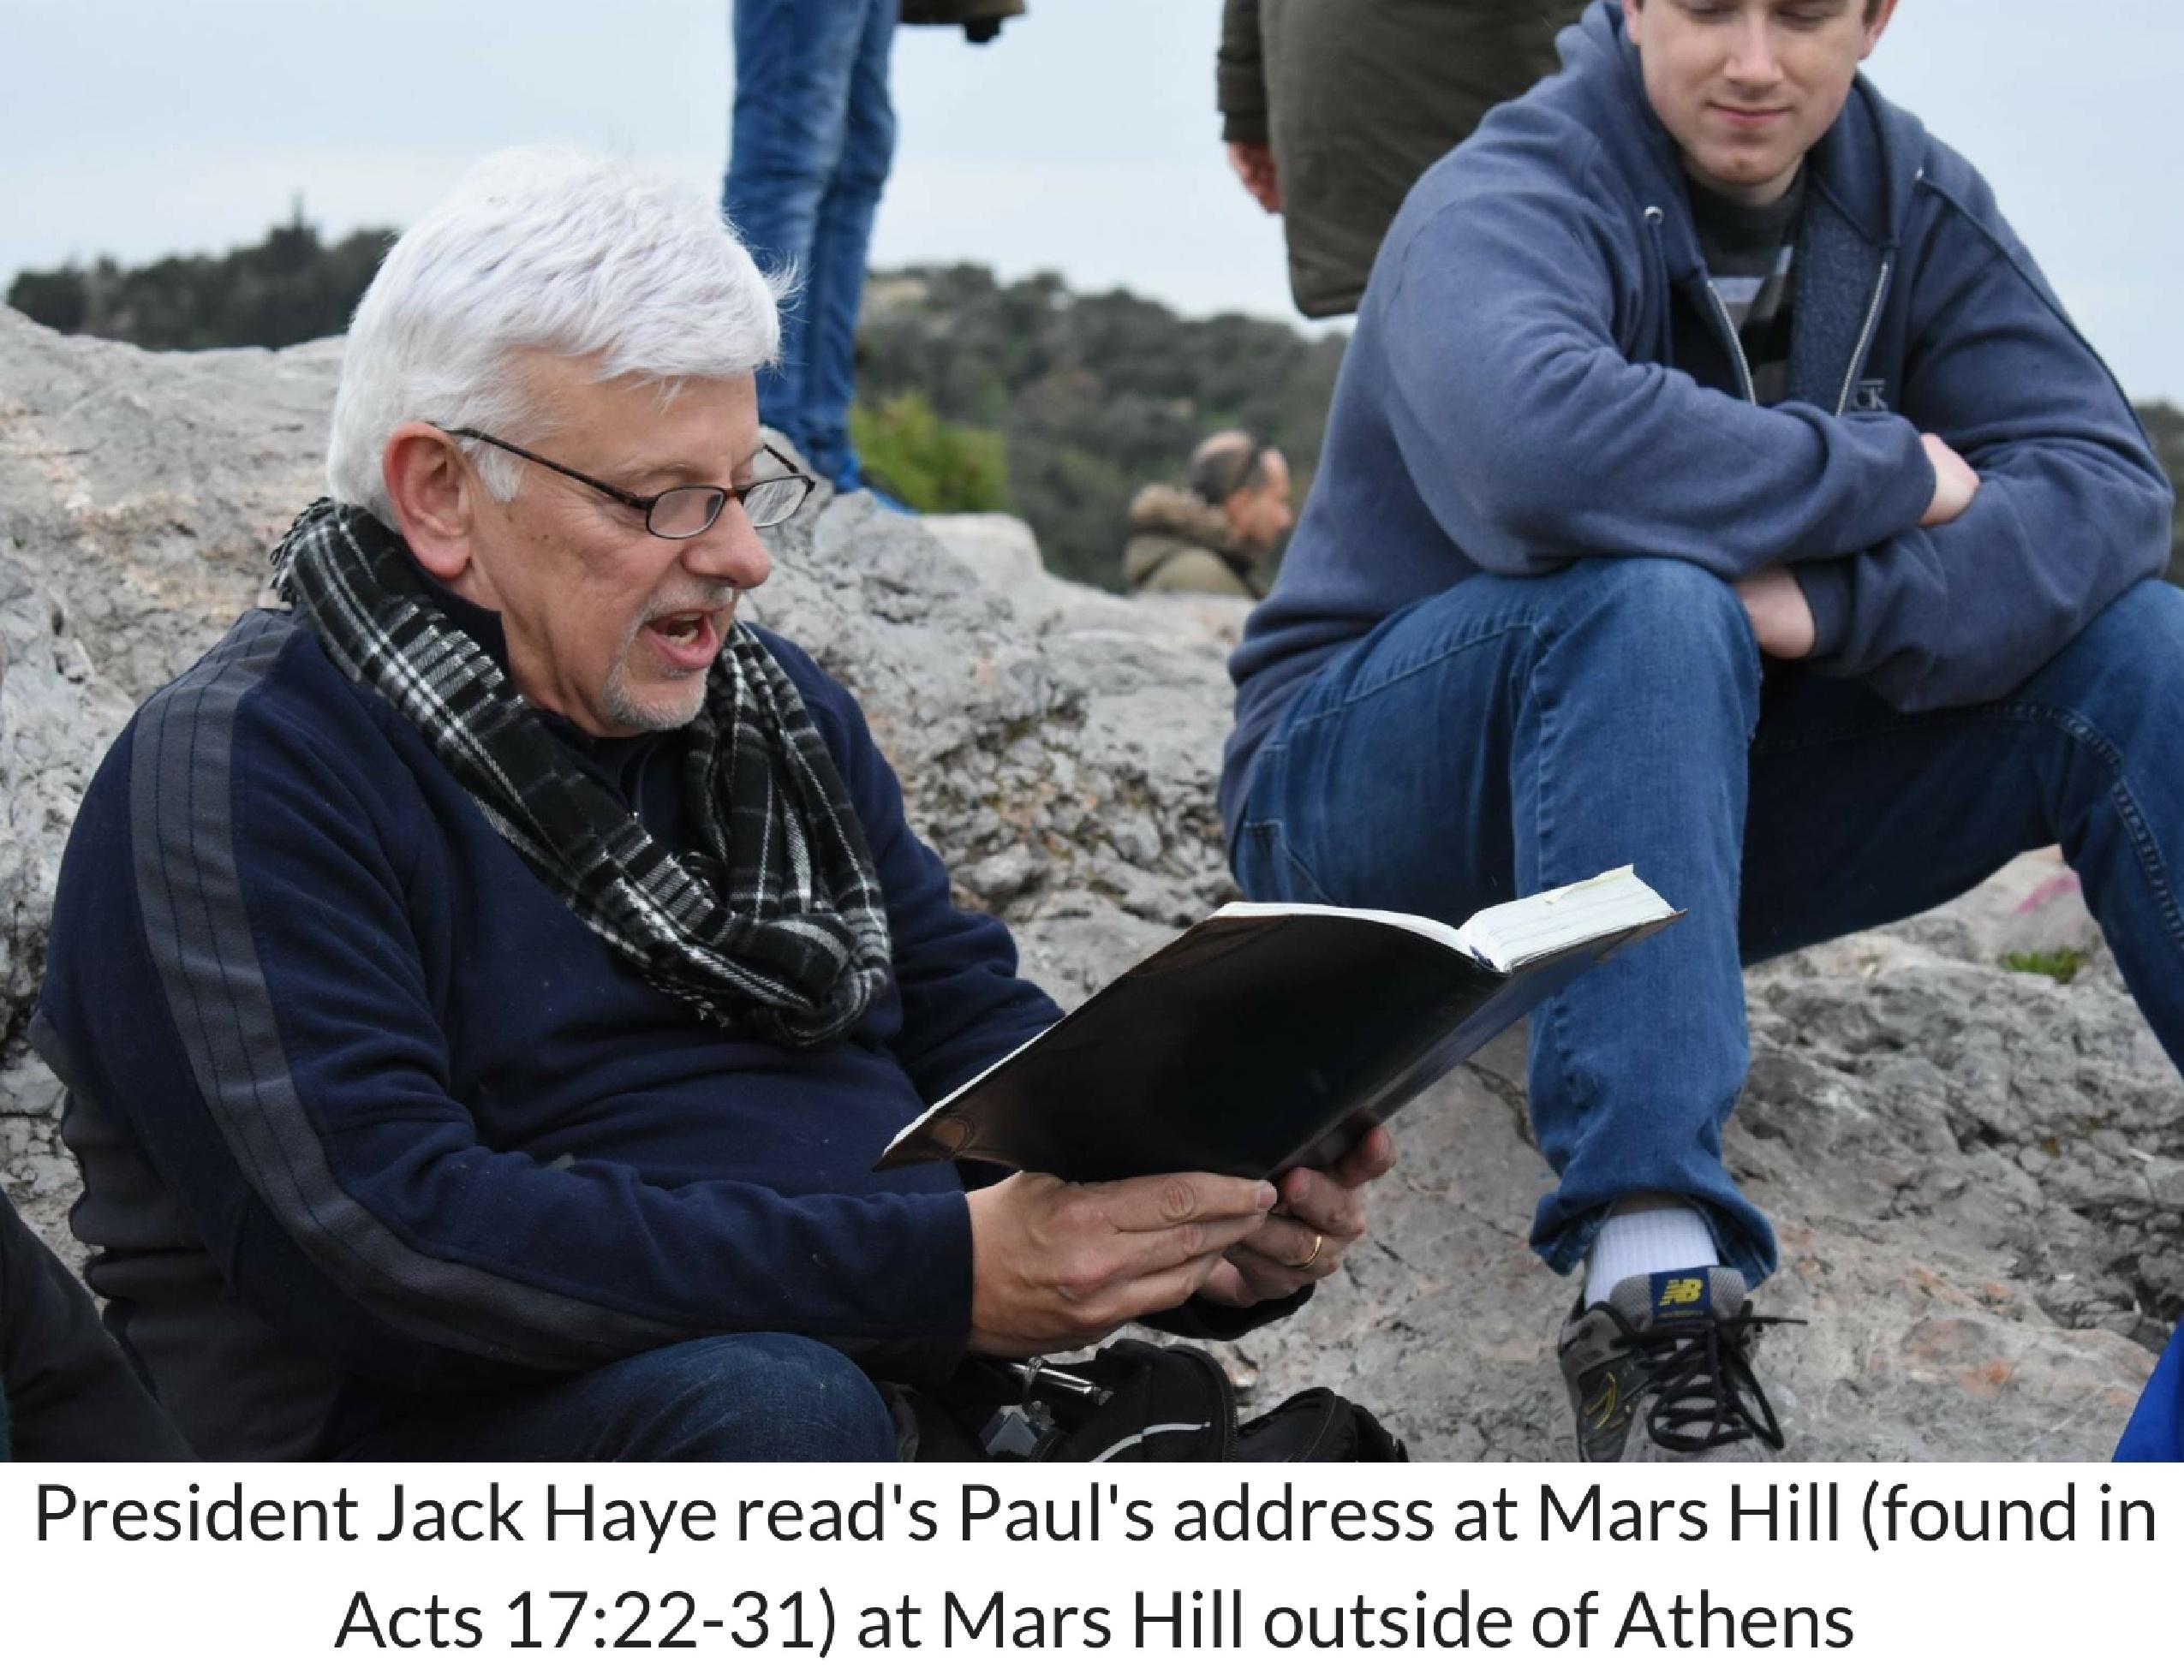 Mars Hill